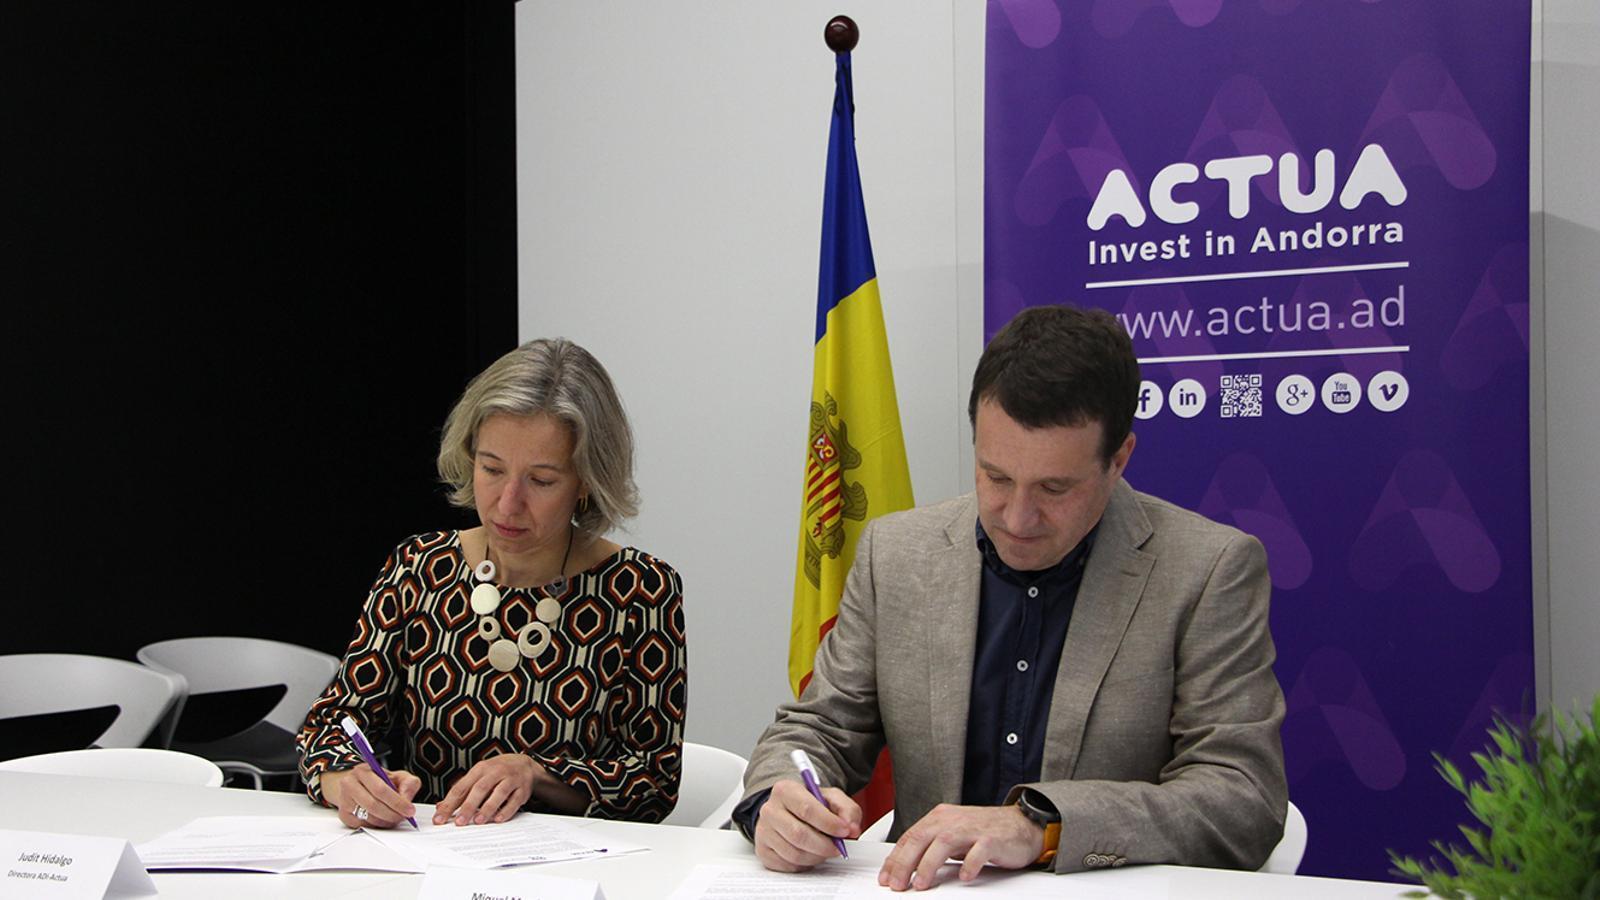 La directora d'Actua, Judit Hidalgo, i el director general de Barcelona Tech City, Miquel Martí, signen l'acord entre totes dues entitats. / M. M. (ANA)